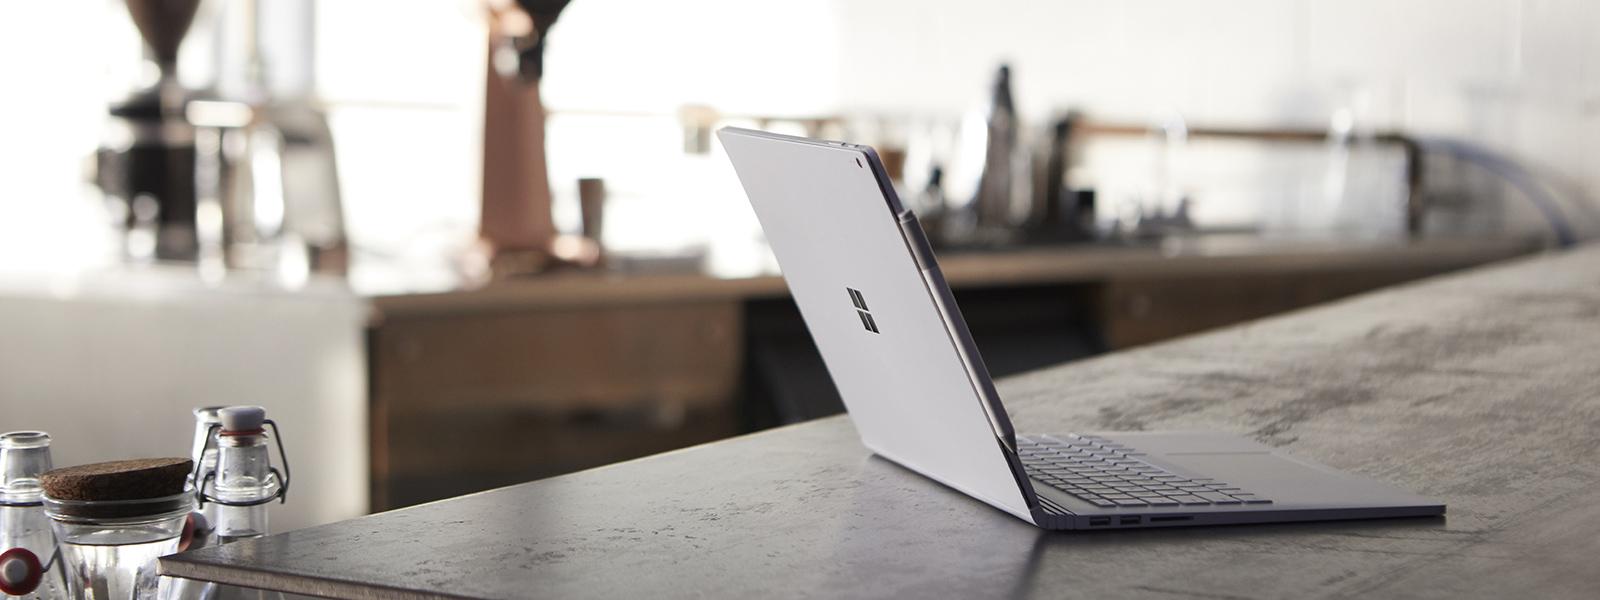 SurfaceBook avec stylet Surface sur une table